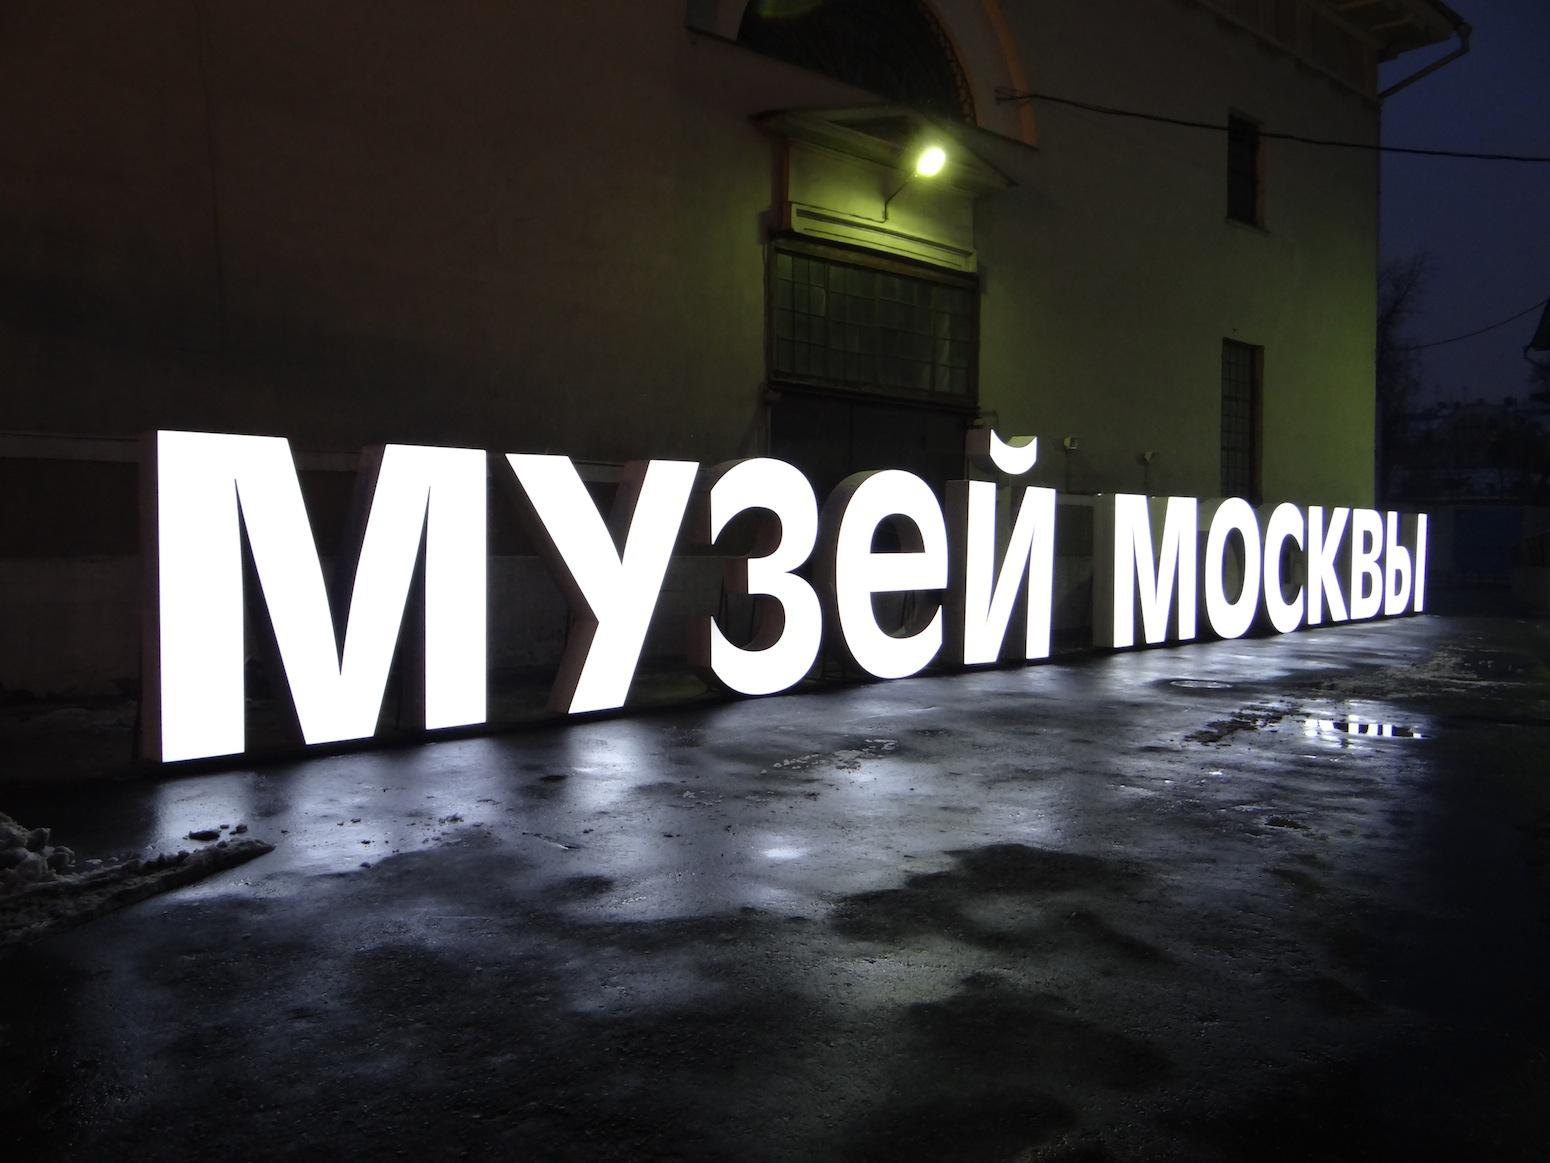 Photo of Бесплатные музеи Москвы в новогодние праздники бесплатные музеи москвы Бесплатные музеи Москвы в новогодние праздники moscow museum 1 jpg 1416425310